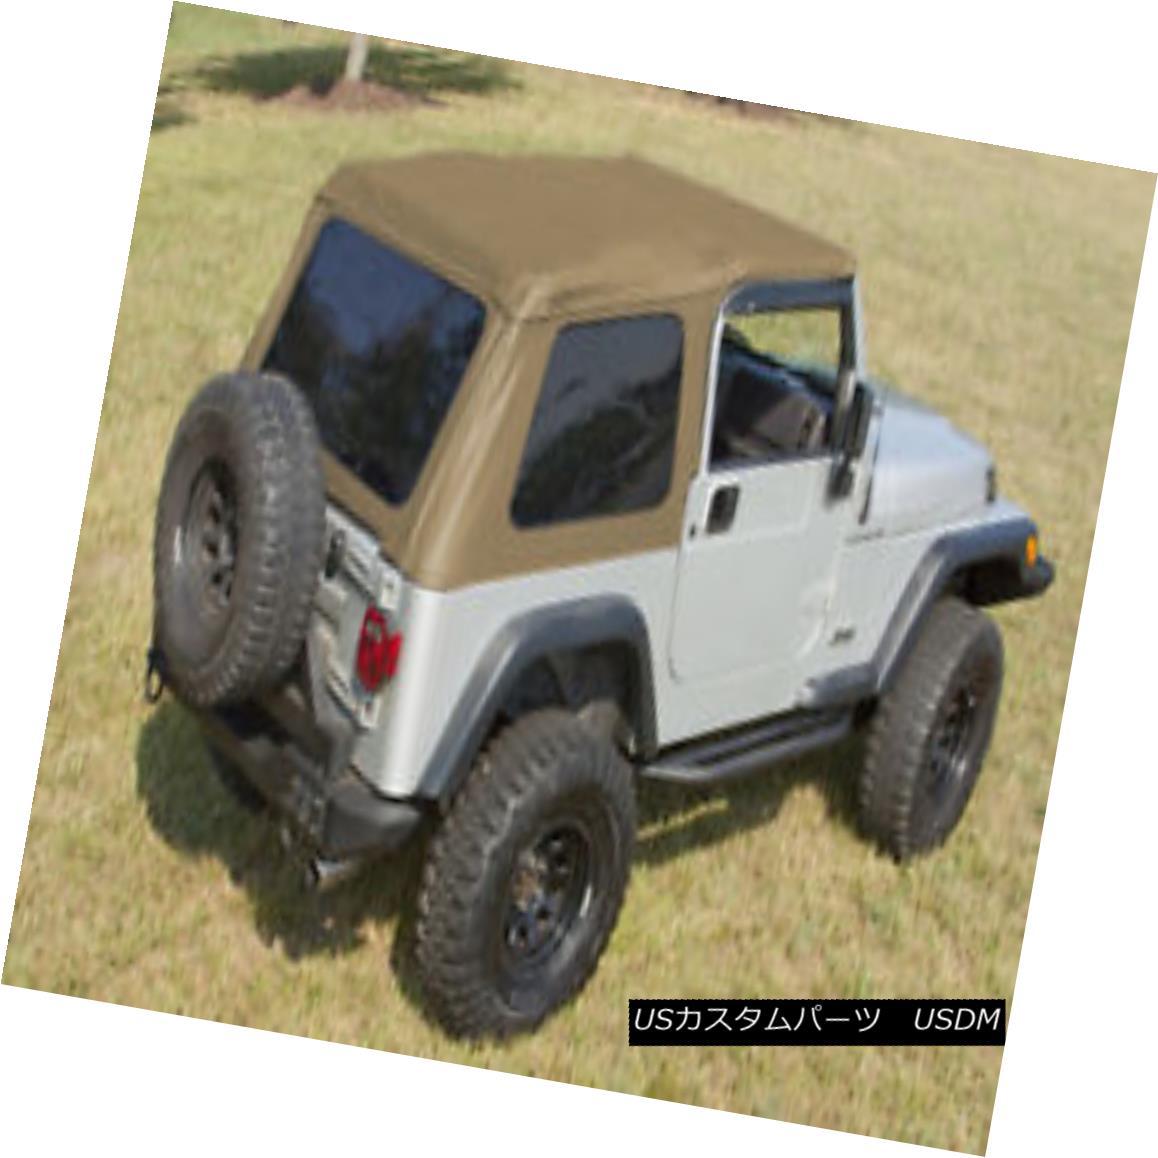 幌・ソフトトップ Rugged Ridge 13750.37 Bowless XHD Soft Top Spice 97-06 Jeep Wrangler Rugged Ridge 13750.37 Bowless XHDソフトトップスパイス97-06 Jeep Wrangler